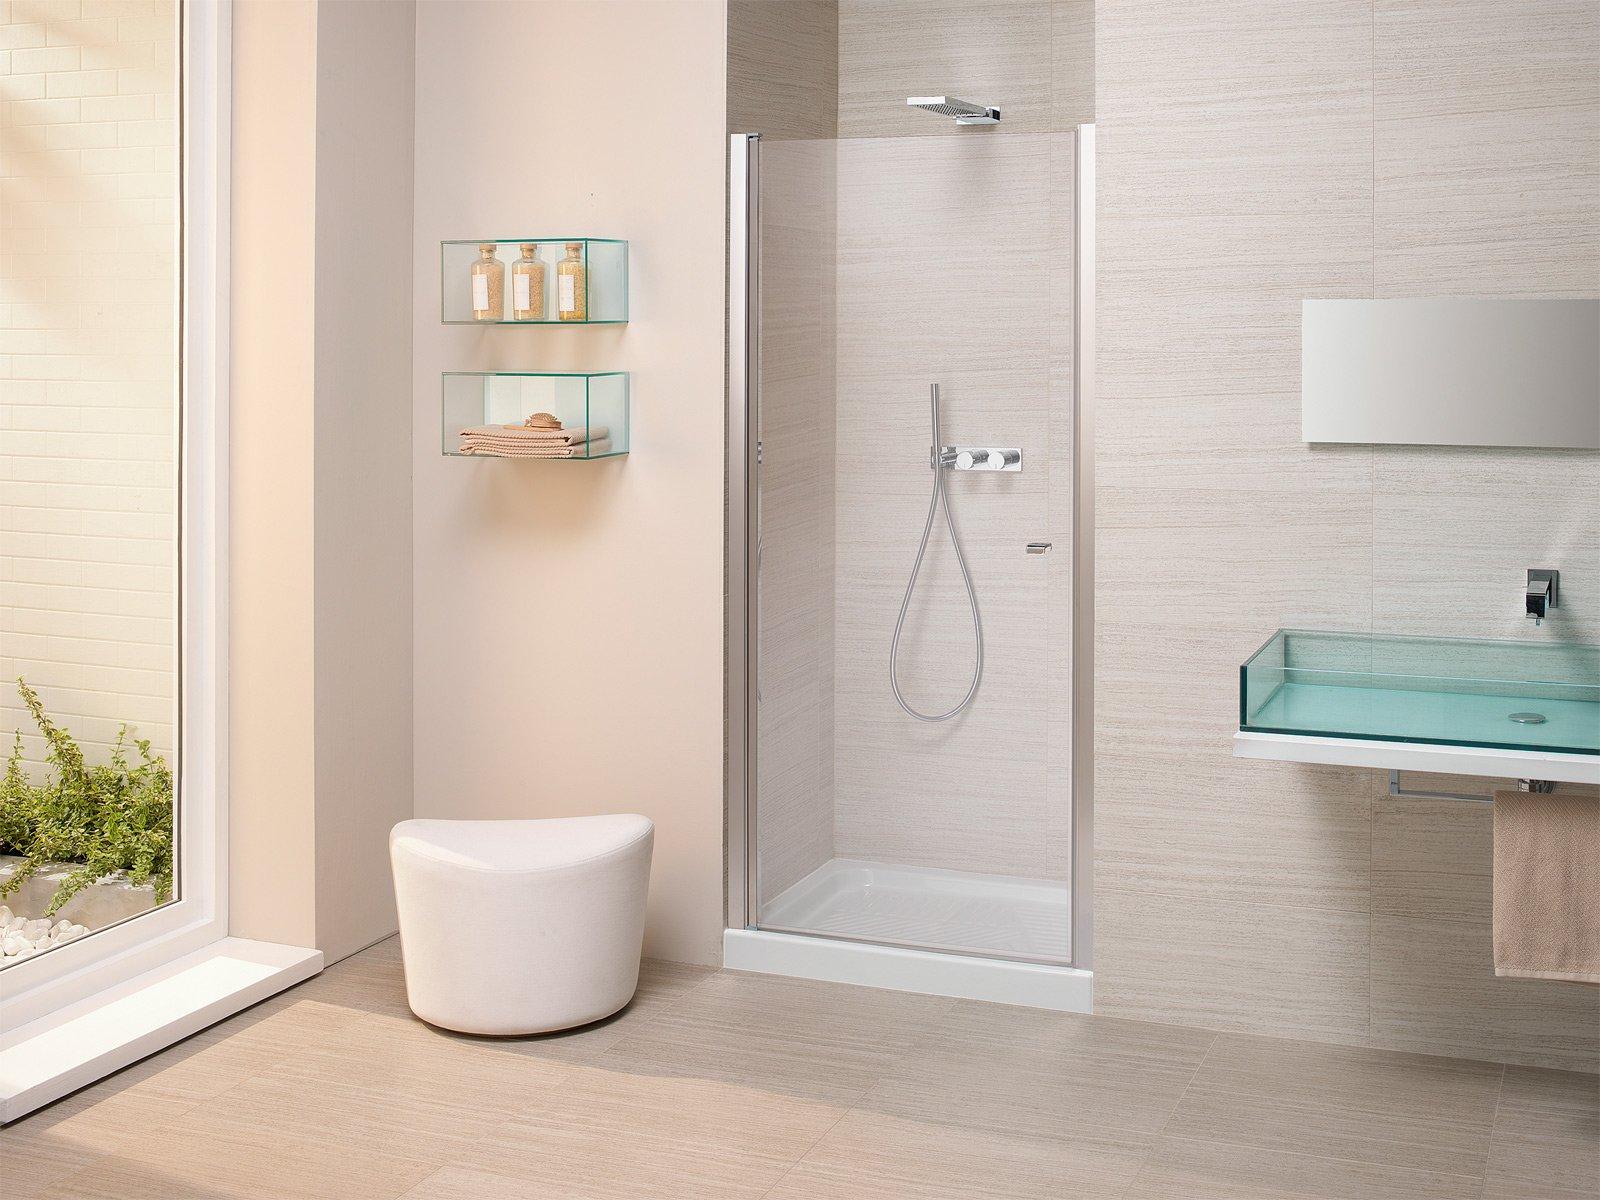 Casa moderna roma italy quanto costa un box doccia - Box doccia costi ...